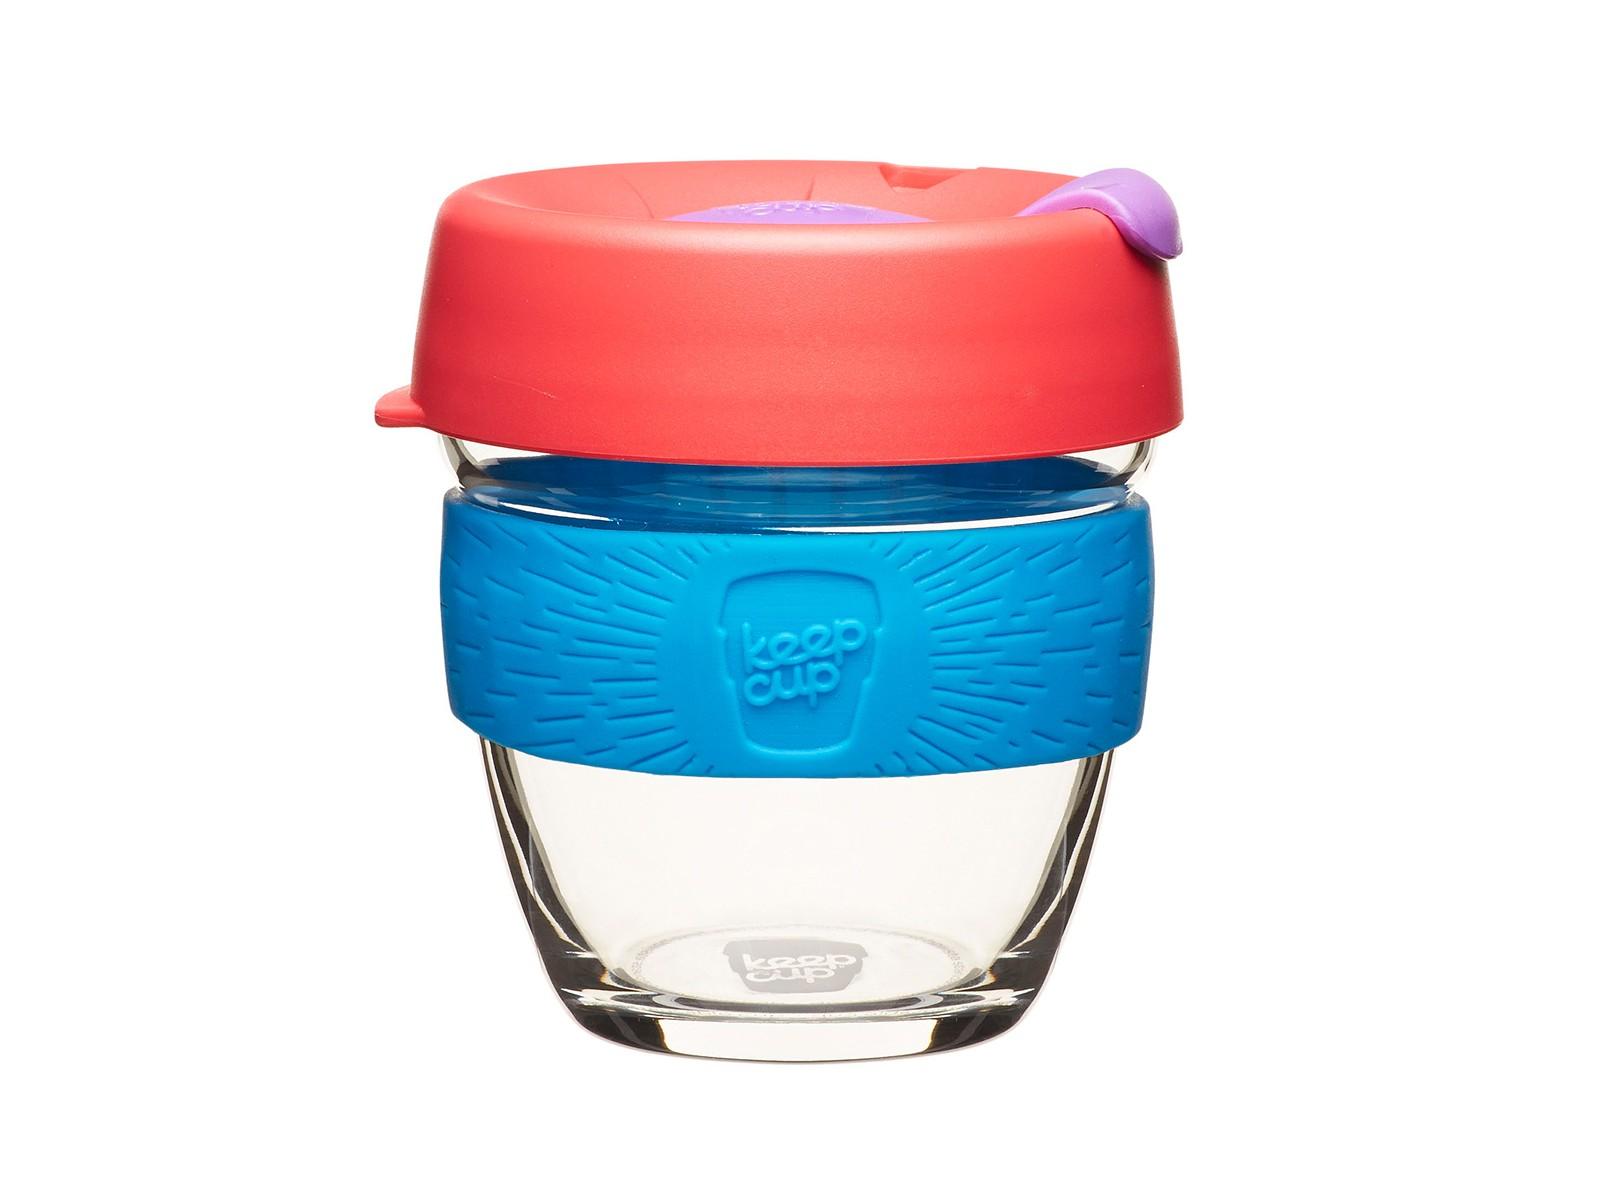 Кружка Keepcup hibiscusЧайные пары, чашки и кружки<br>Главная идея KeepCup – вдохновить любителей кофе отказаться от использования одноразовых бумажных и пластиковых стаканов, так как их производство и утилизация наносят вред окружающей среде. В год производится и выбрасывается около 500 миллиардов одноразовых стаканчиков, а ведь планета у нас всего одна! <br>Но главный плюс кружки  – привлекательный и яркий дизайн, который станет отражением вашего личного стиля. Берите её в кафе или наливайте кофе, чай, сок дома, чтобы взять с собой - пить вкусные напитки на ходу, на работе или на пикнике. Специальная крышка с открывающимся и закрывающимся клапаном спасет от брызг, а силиконовый ободок поможет не обжечься (плюс, удобно держать кружку в руках.<br>Крышка сделана из нетоксичного пластика без содержания вредного бисфенола (BPA-free). Корпус - из закаленного стекла, устойчивого к термическому и механическому воздействию. Разработана и произведена в Австралии.&amp;lt;div&amp;gt;&amp;lt;br&amp;gt;&amp;lt;/div&amp;gt;&amp;lt;div&amp;gt;Объем: 227 мл.&amp;lt;br&amp;gt;&amp;lt;/div&amp;gt;<br><br>Material: Стекло<br>Height см: 10<br>Diameter см: 8